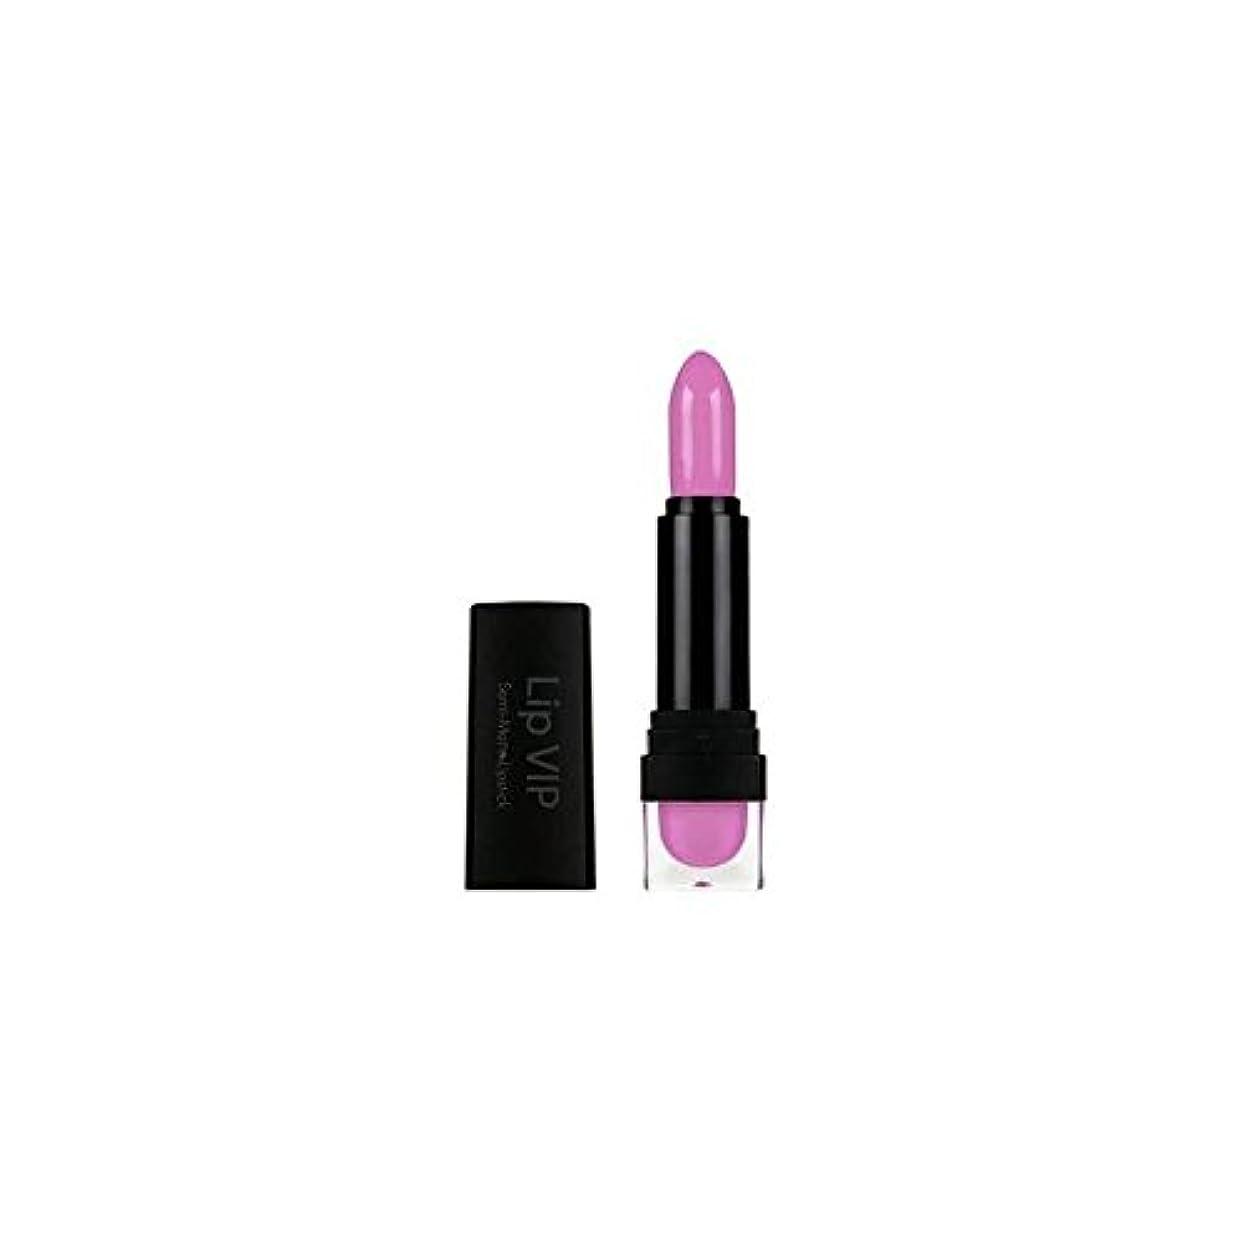 アブセイリストコーデリアなめらかな気まぐれなコレクションリップ..大物 x2 - Sleek Whimsical Collection Lip V.I.P Big Shot (Pack of 2) [並行輸入品]